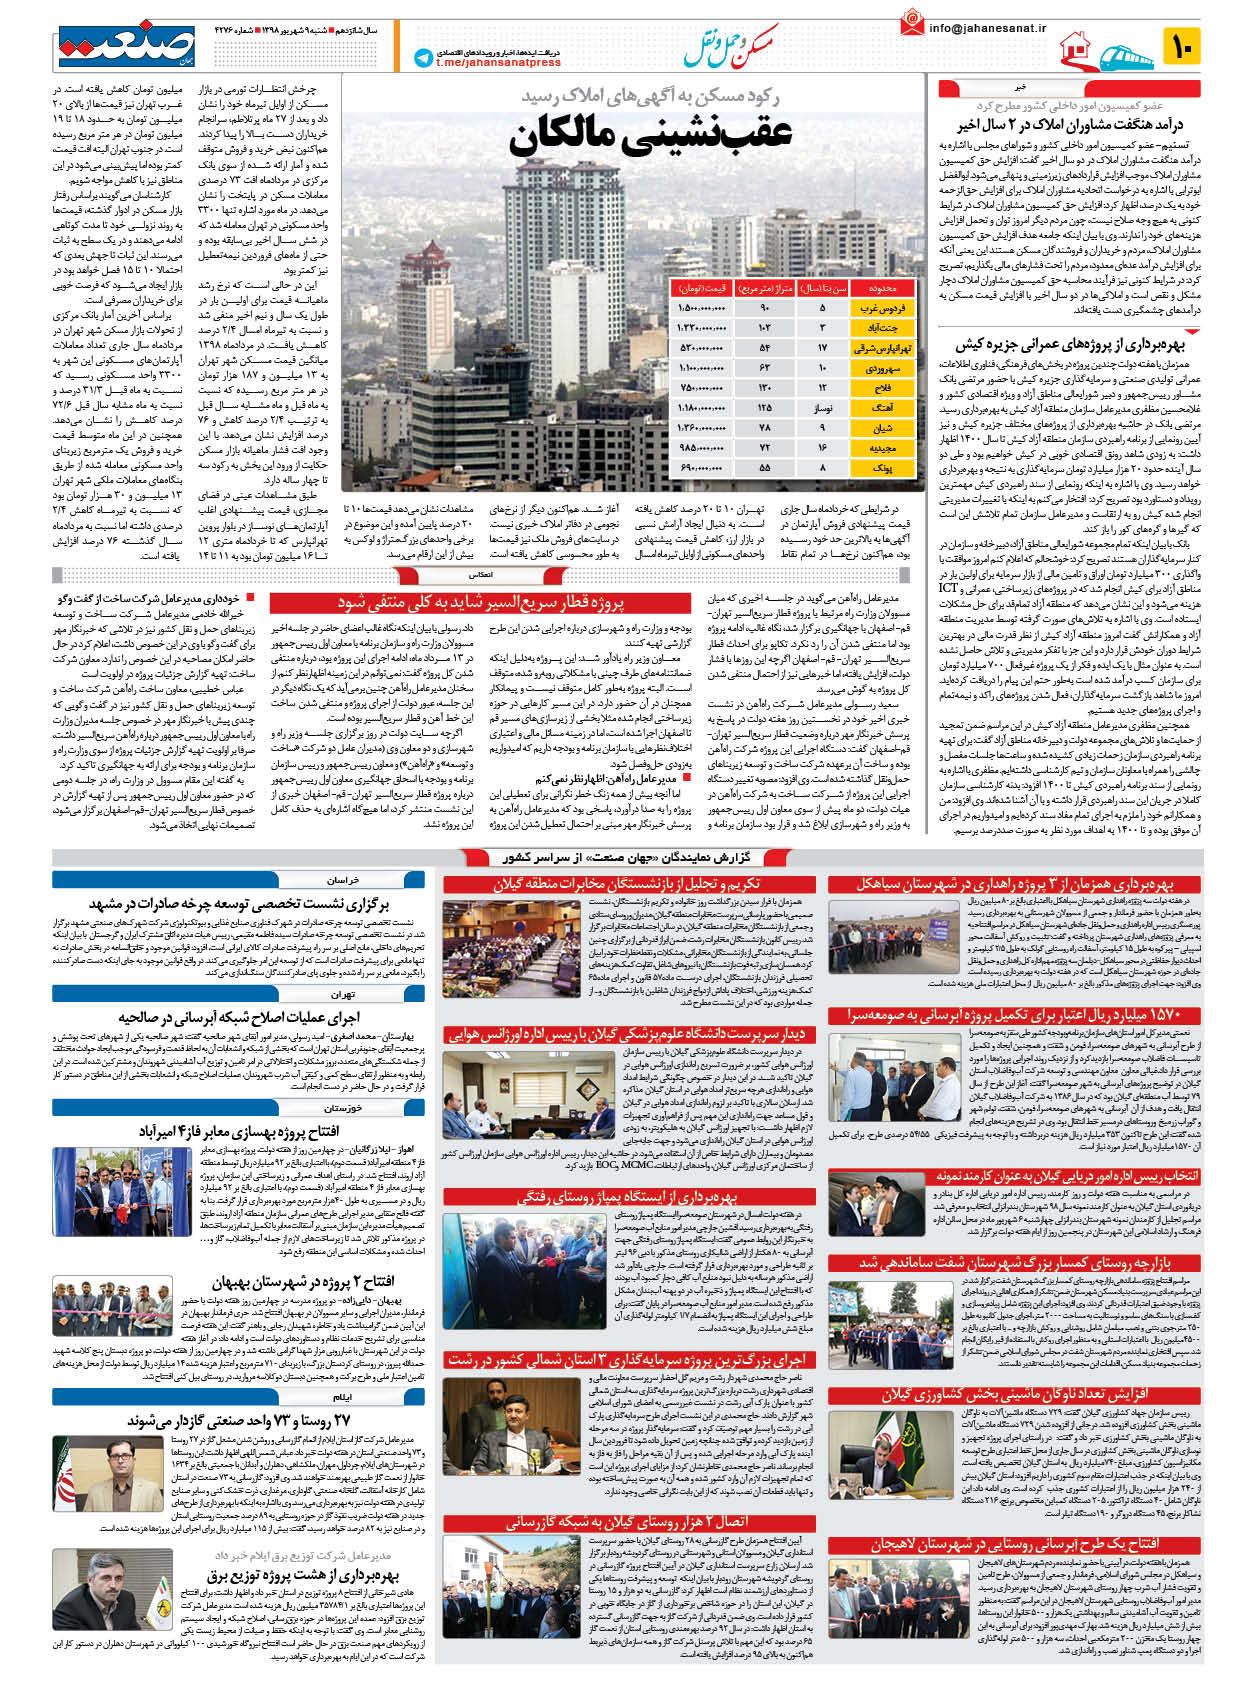 صفحه ۱۰ – ۰۹ شهریور ۱۳۹۸